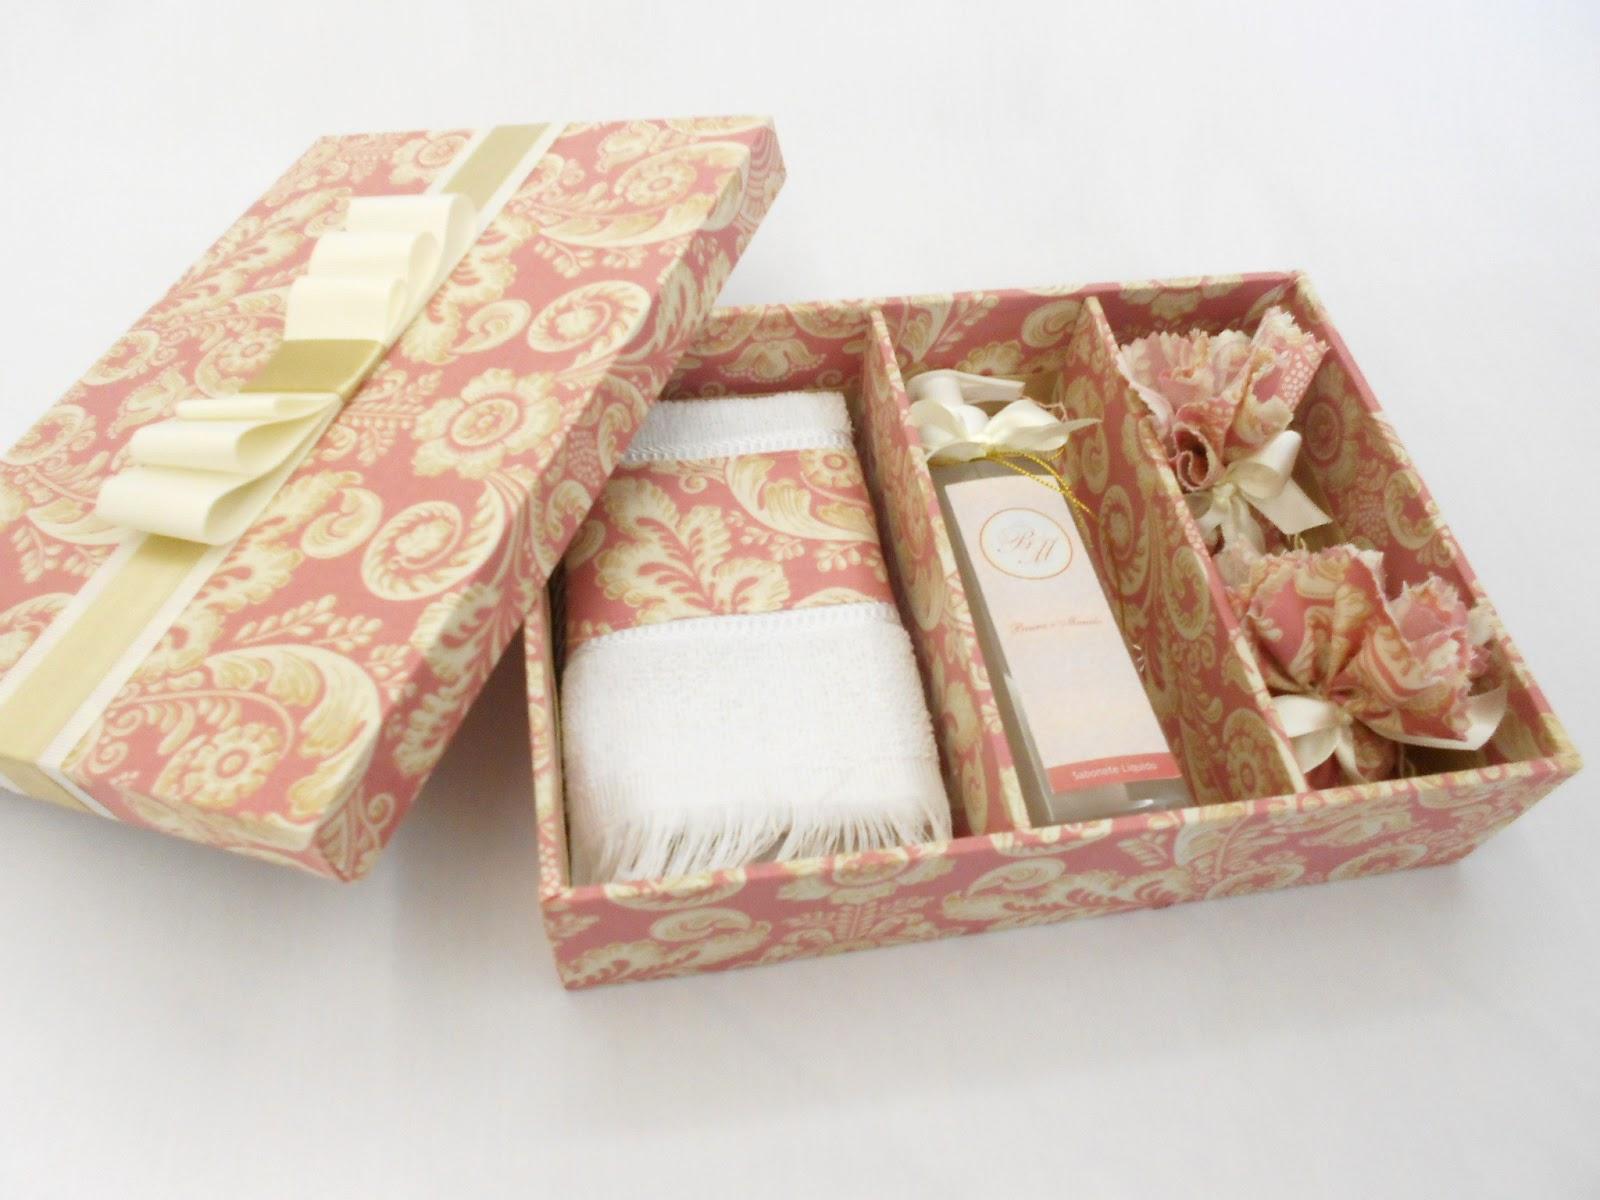 kit banheiro contém sabonete líquido com rótulo personalizado  #432414 1600 1200